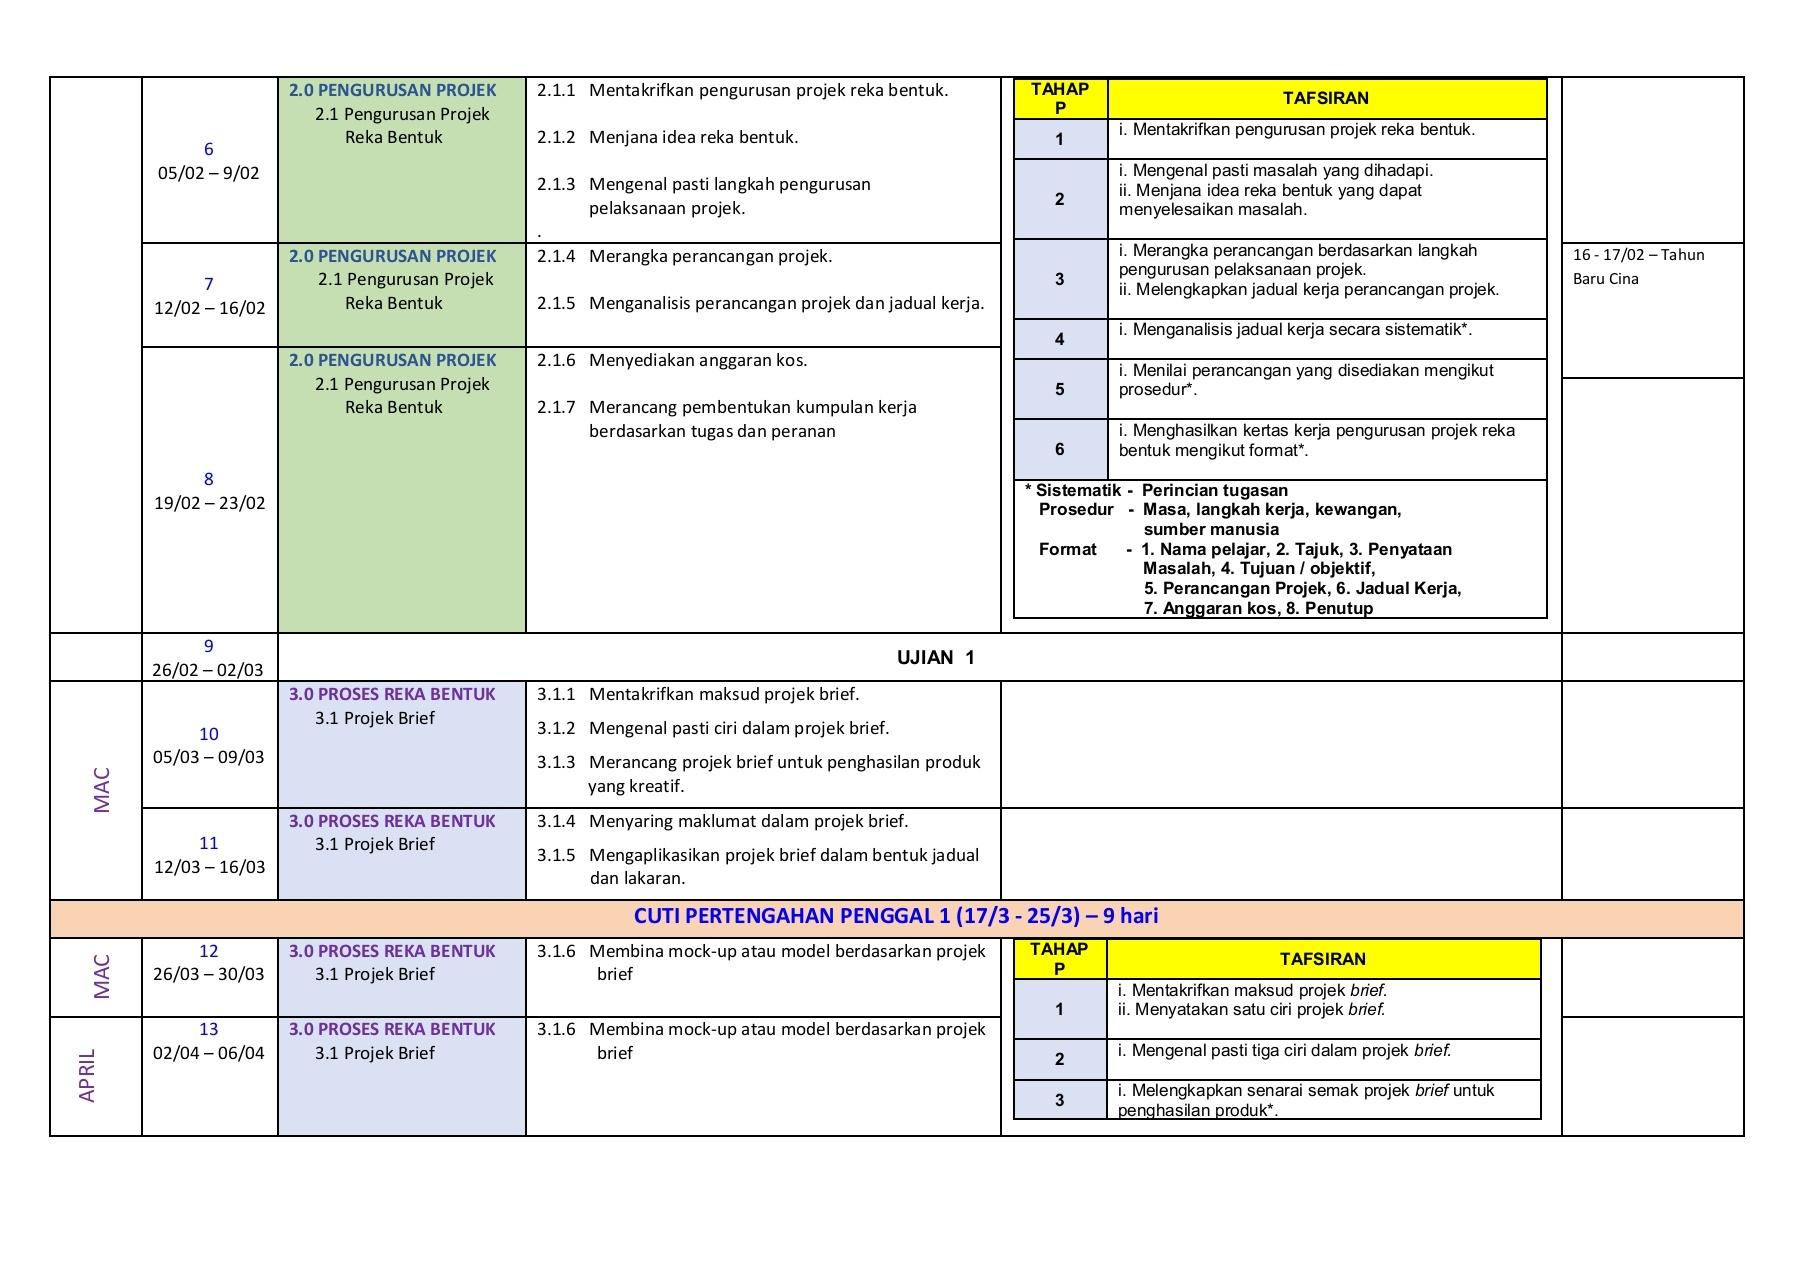 Rpt Reka Bentuk Dan Teknologi Tingkatan 1 Hebat Rpt Rbt Ting 1 2018 Pages 1 7 Text Version Anyflip Of Download Rpt Reka Bentuk Dan Teknologi Tingkatan 1 Yang Penting Khas Untuk Para Murid Dapatkan!